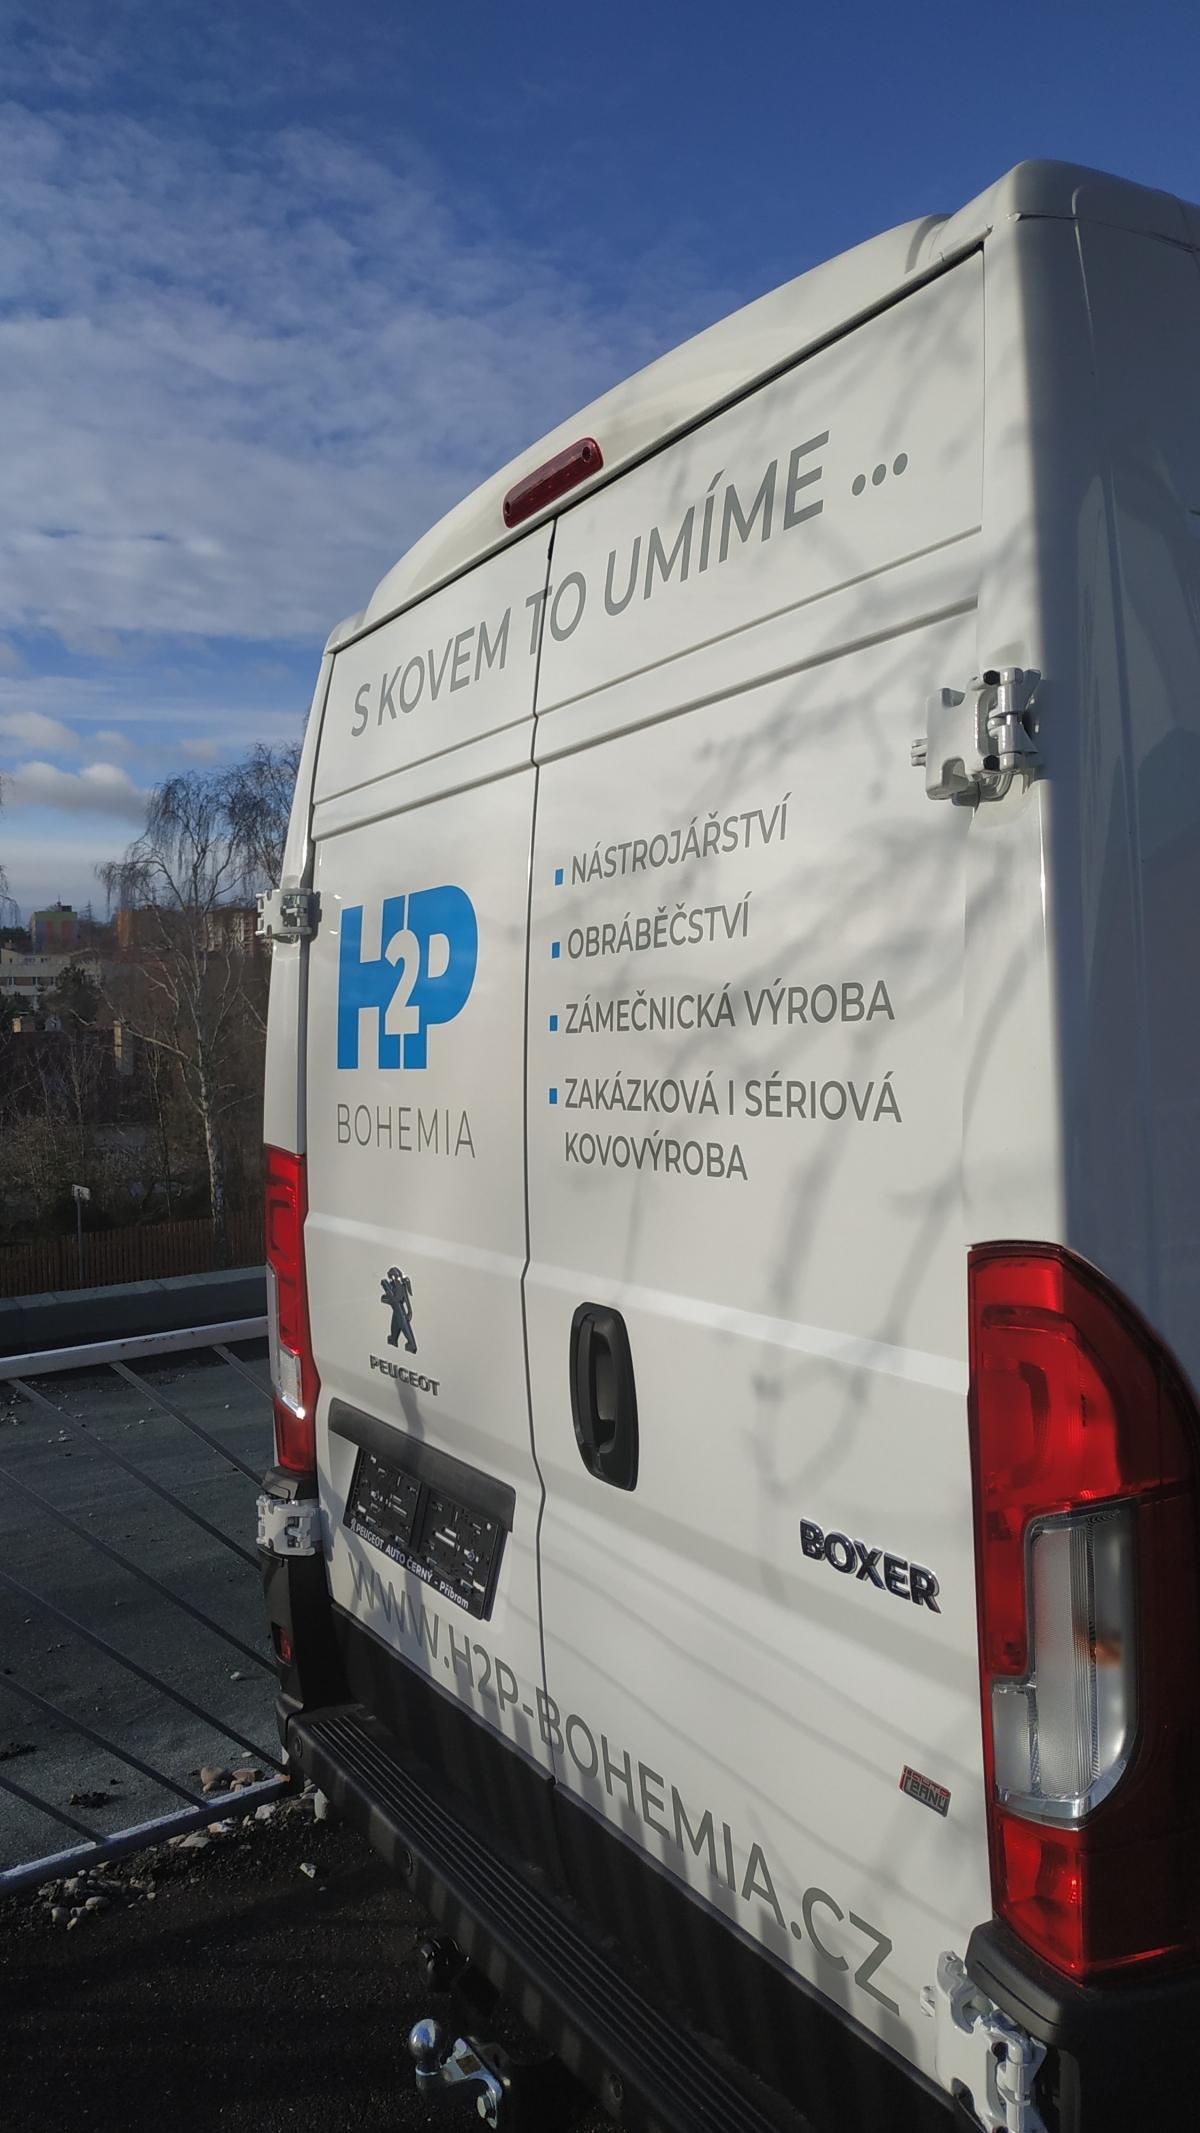 H2P - Polep firemního vozu